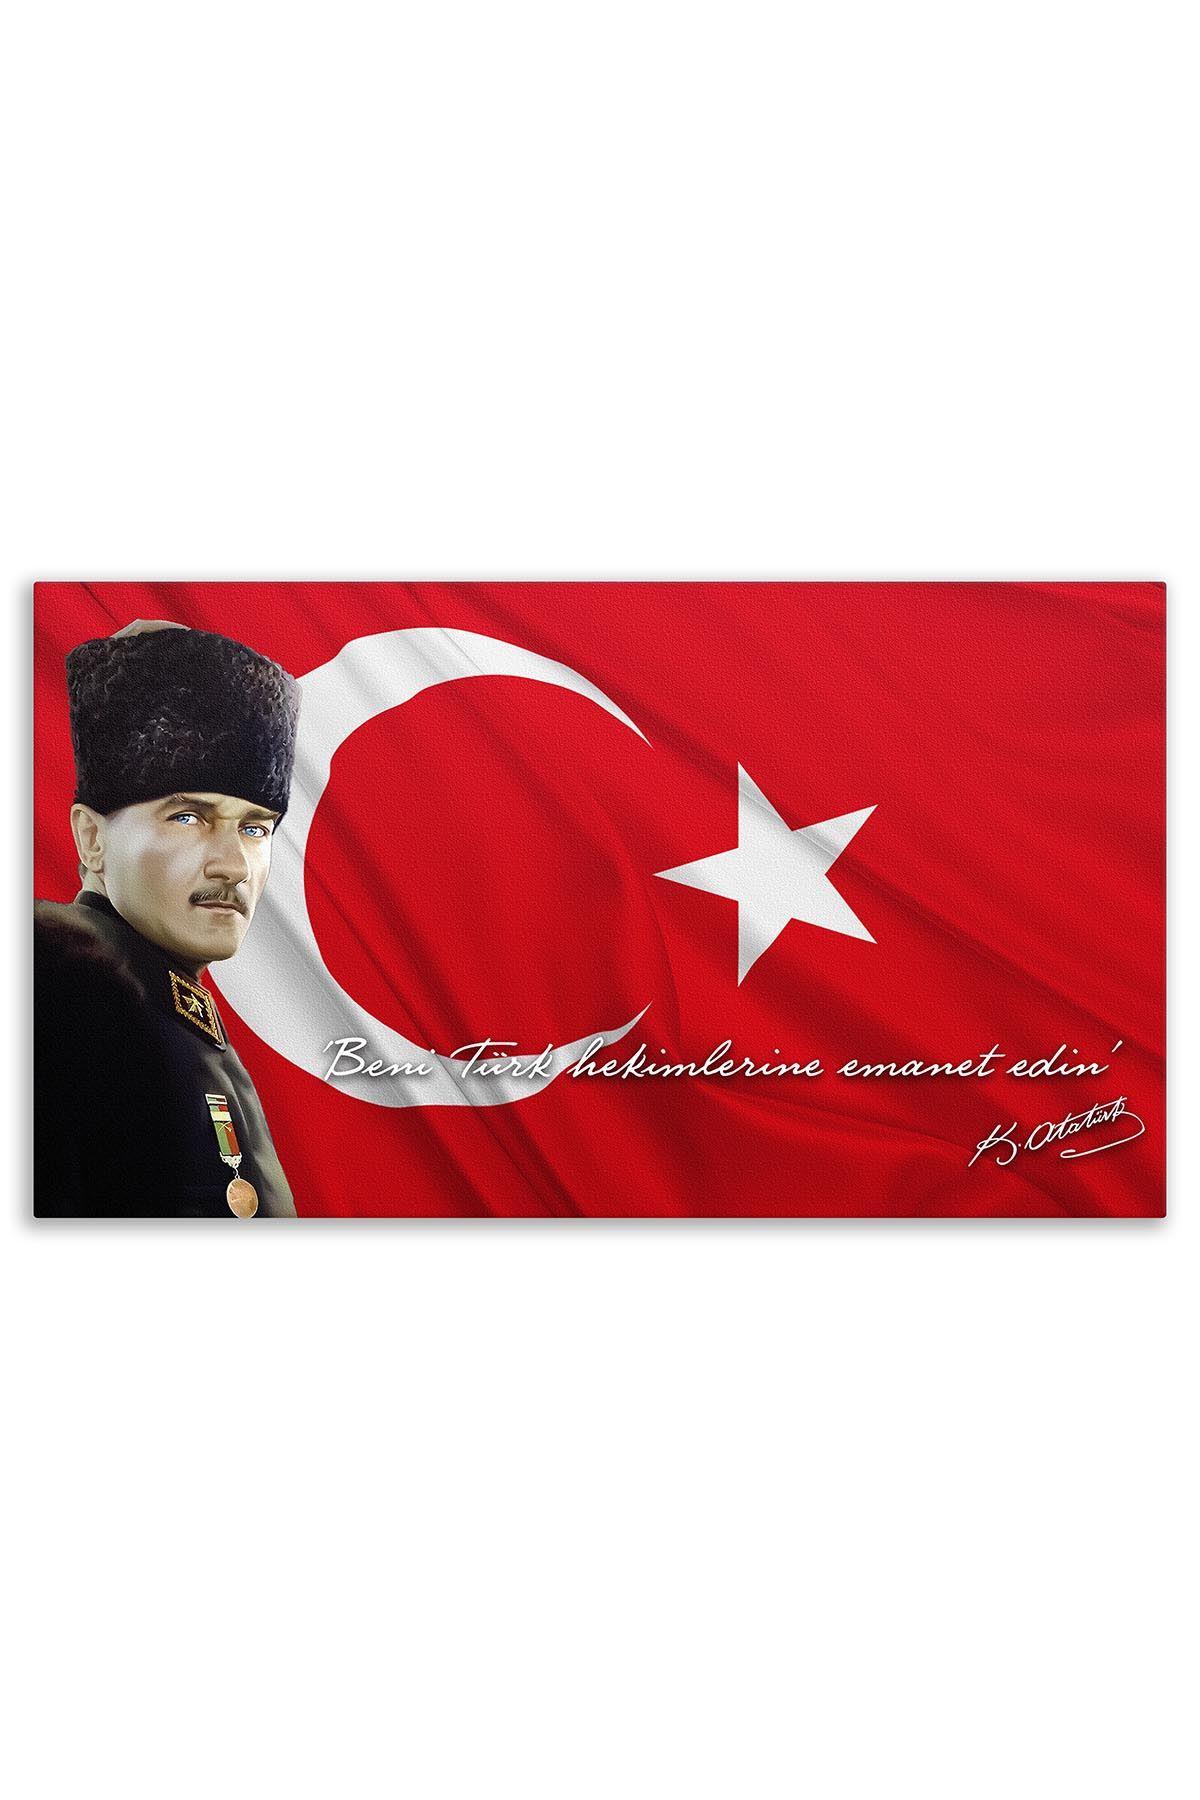 Commander Atatürk Canvas Board | Printed Canvas Board | Customized Canvas Board |Digital Printing